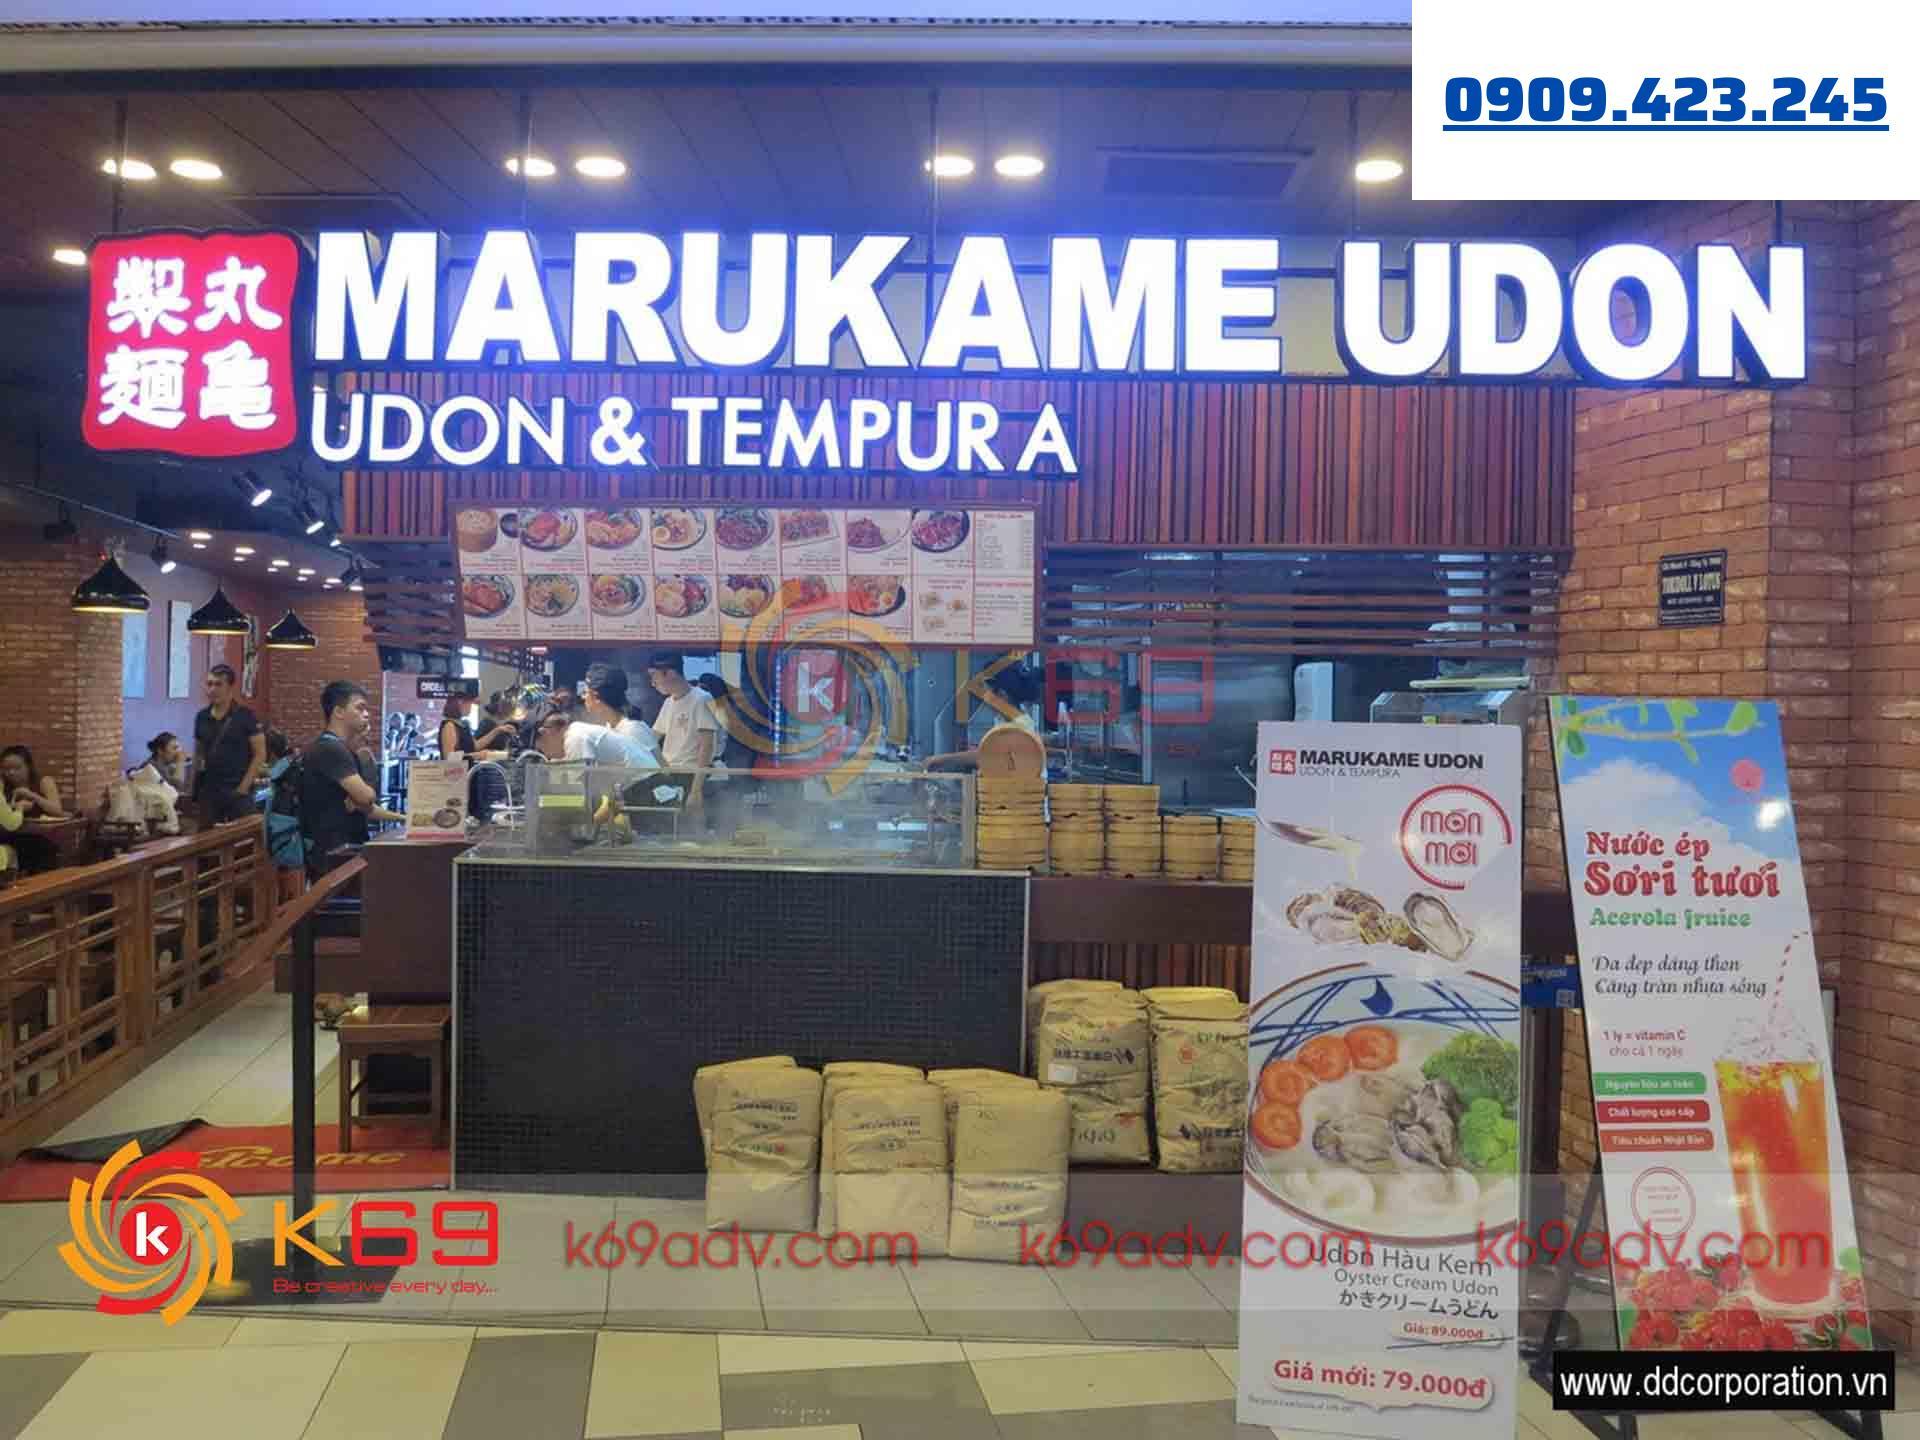 Làm bảng hiệu nhà Hàng Udon Quận 7 tại K69adv